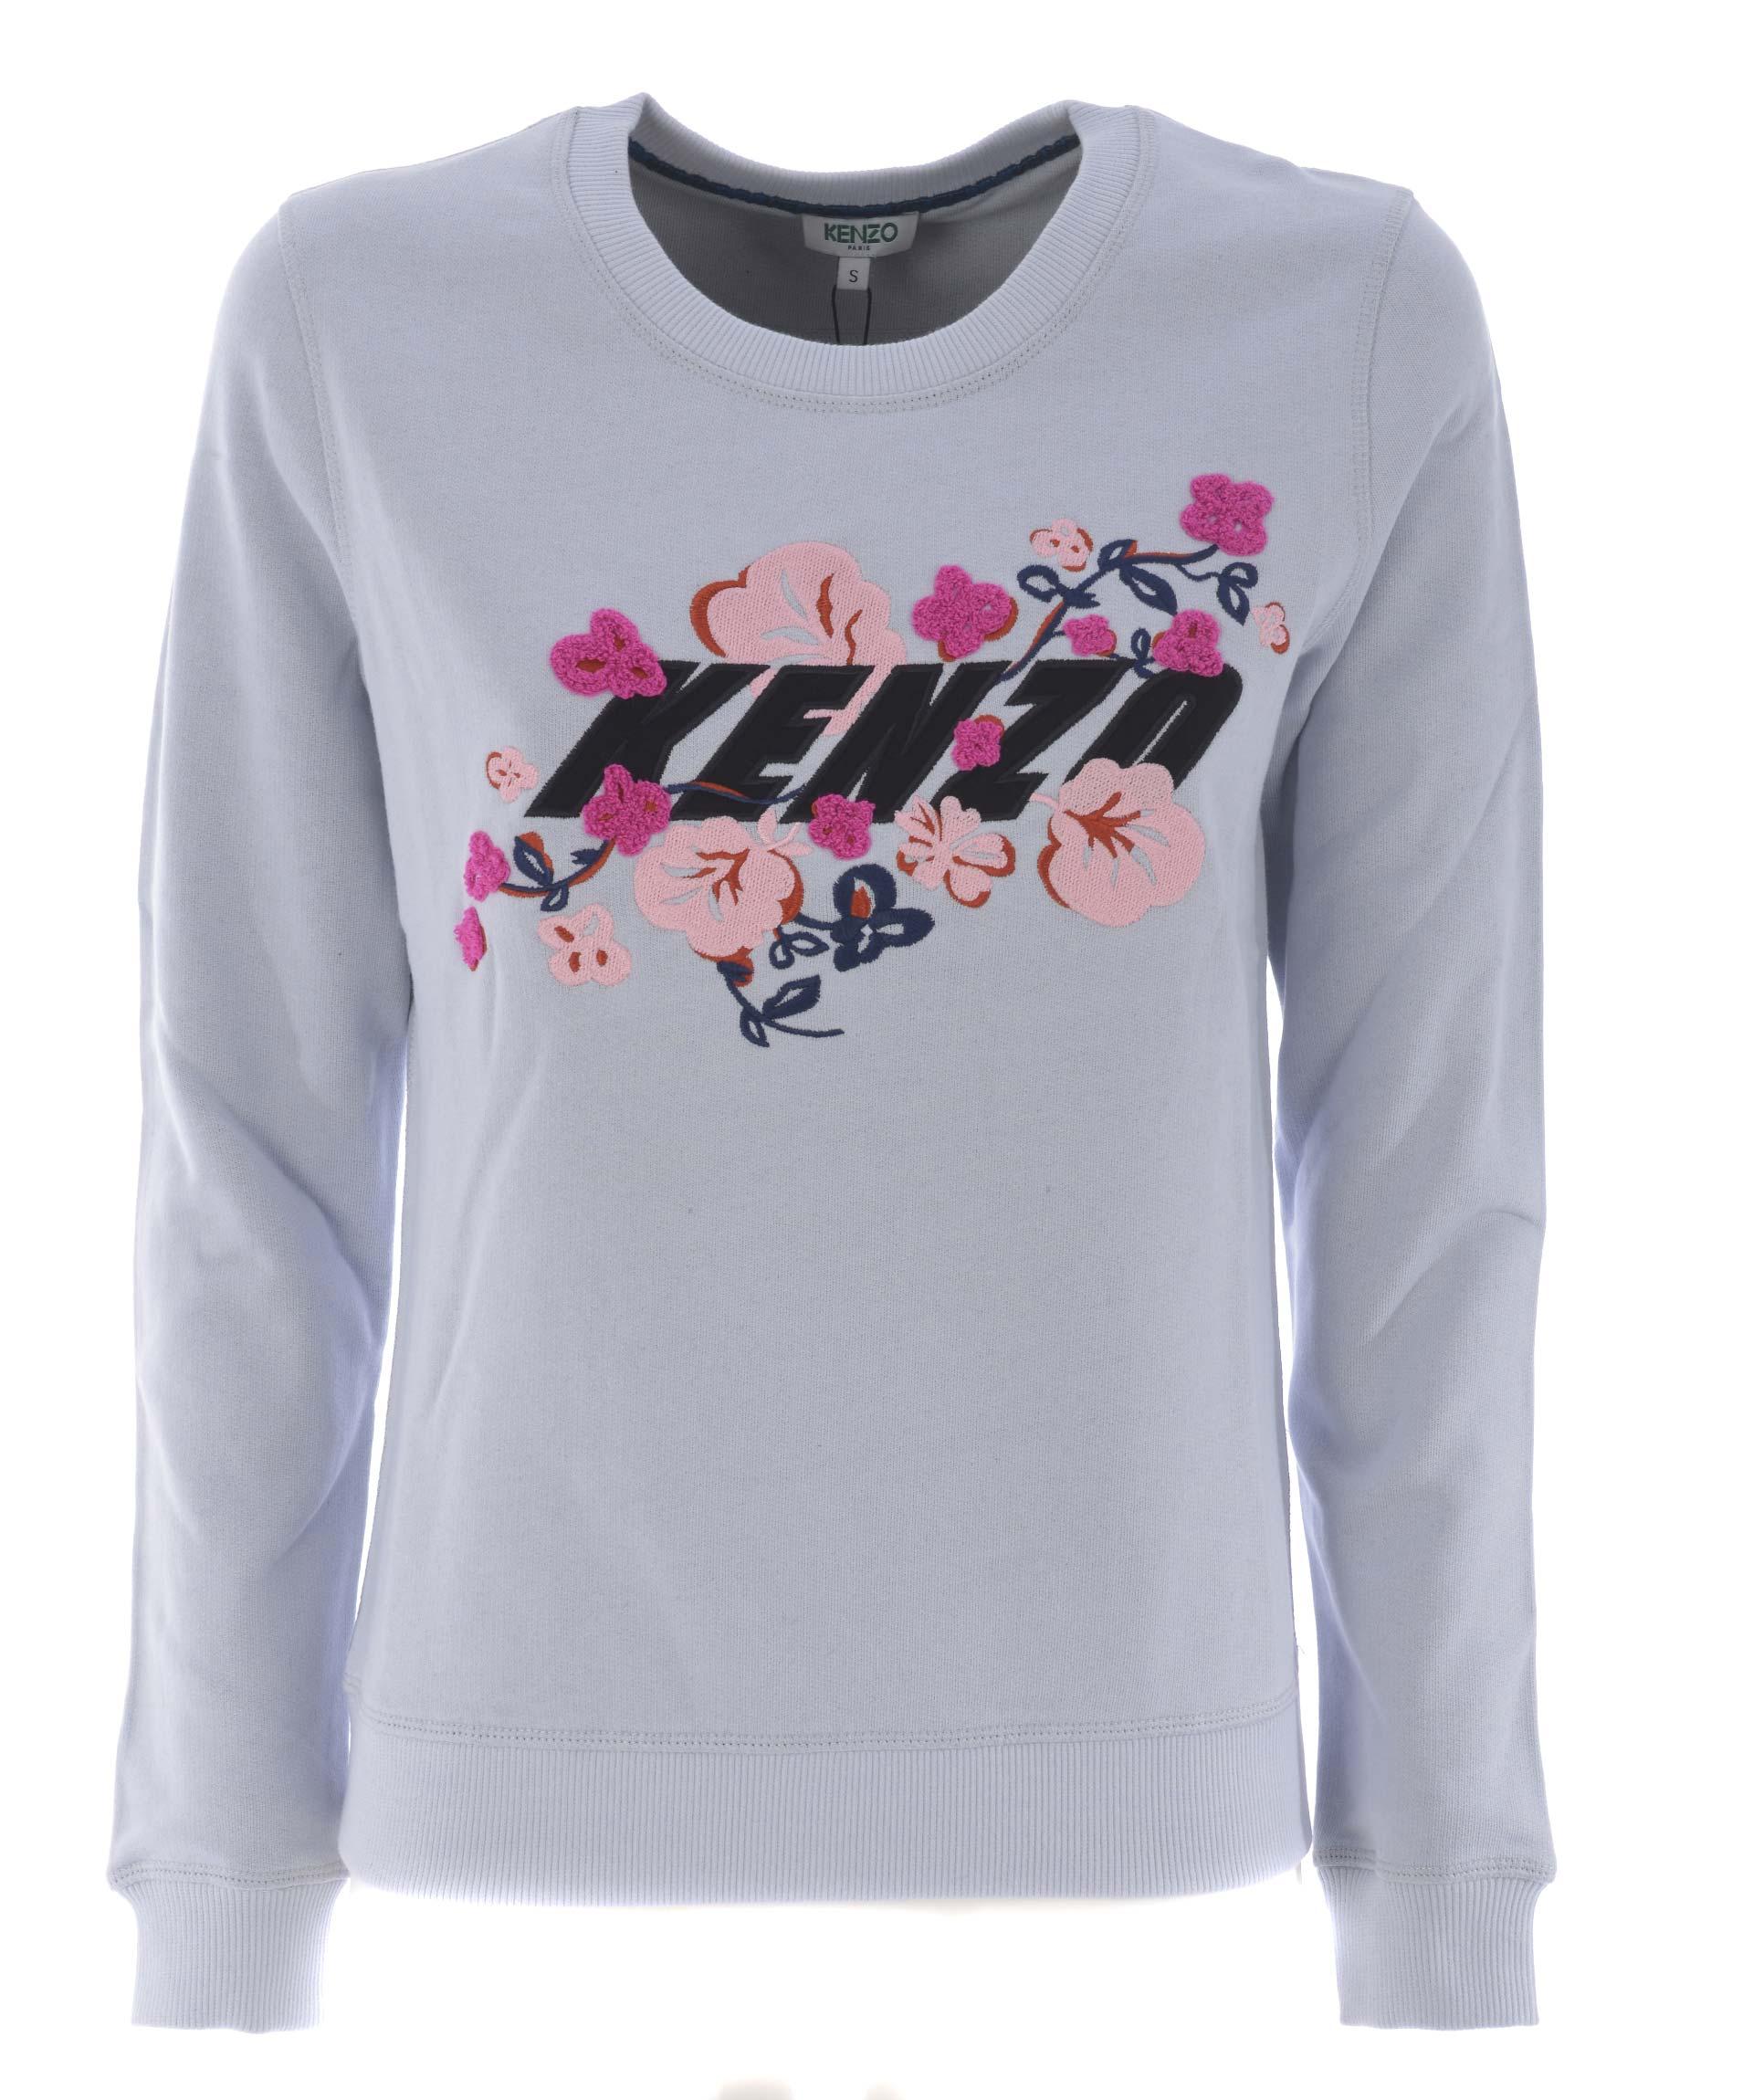 9db9b022d Sweatshirt KENZO - KENZO - TufanoModa